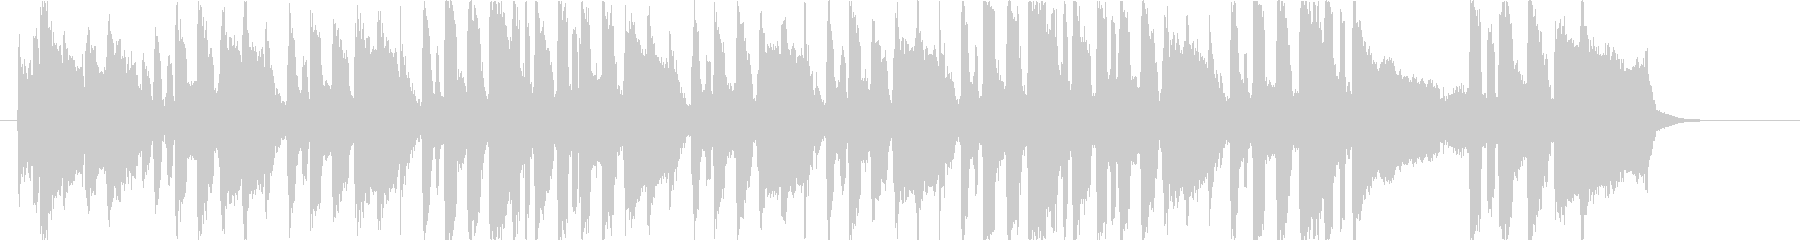 誕生日の歌(ワルツver) 【ユウト】の未再生の波形